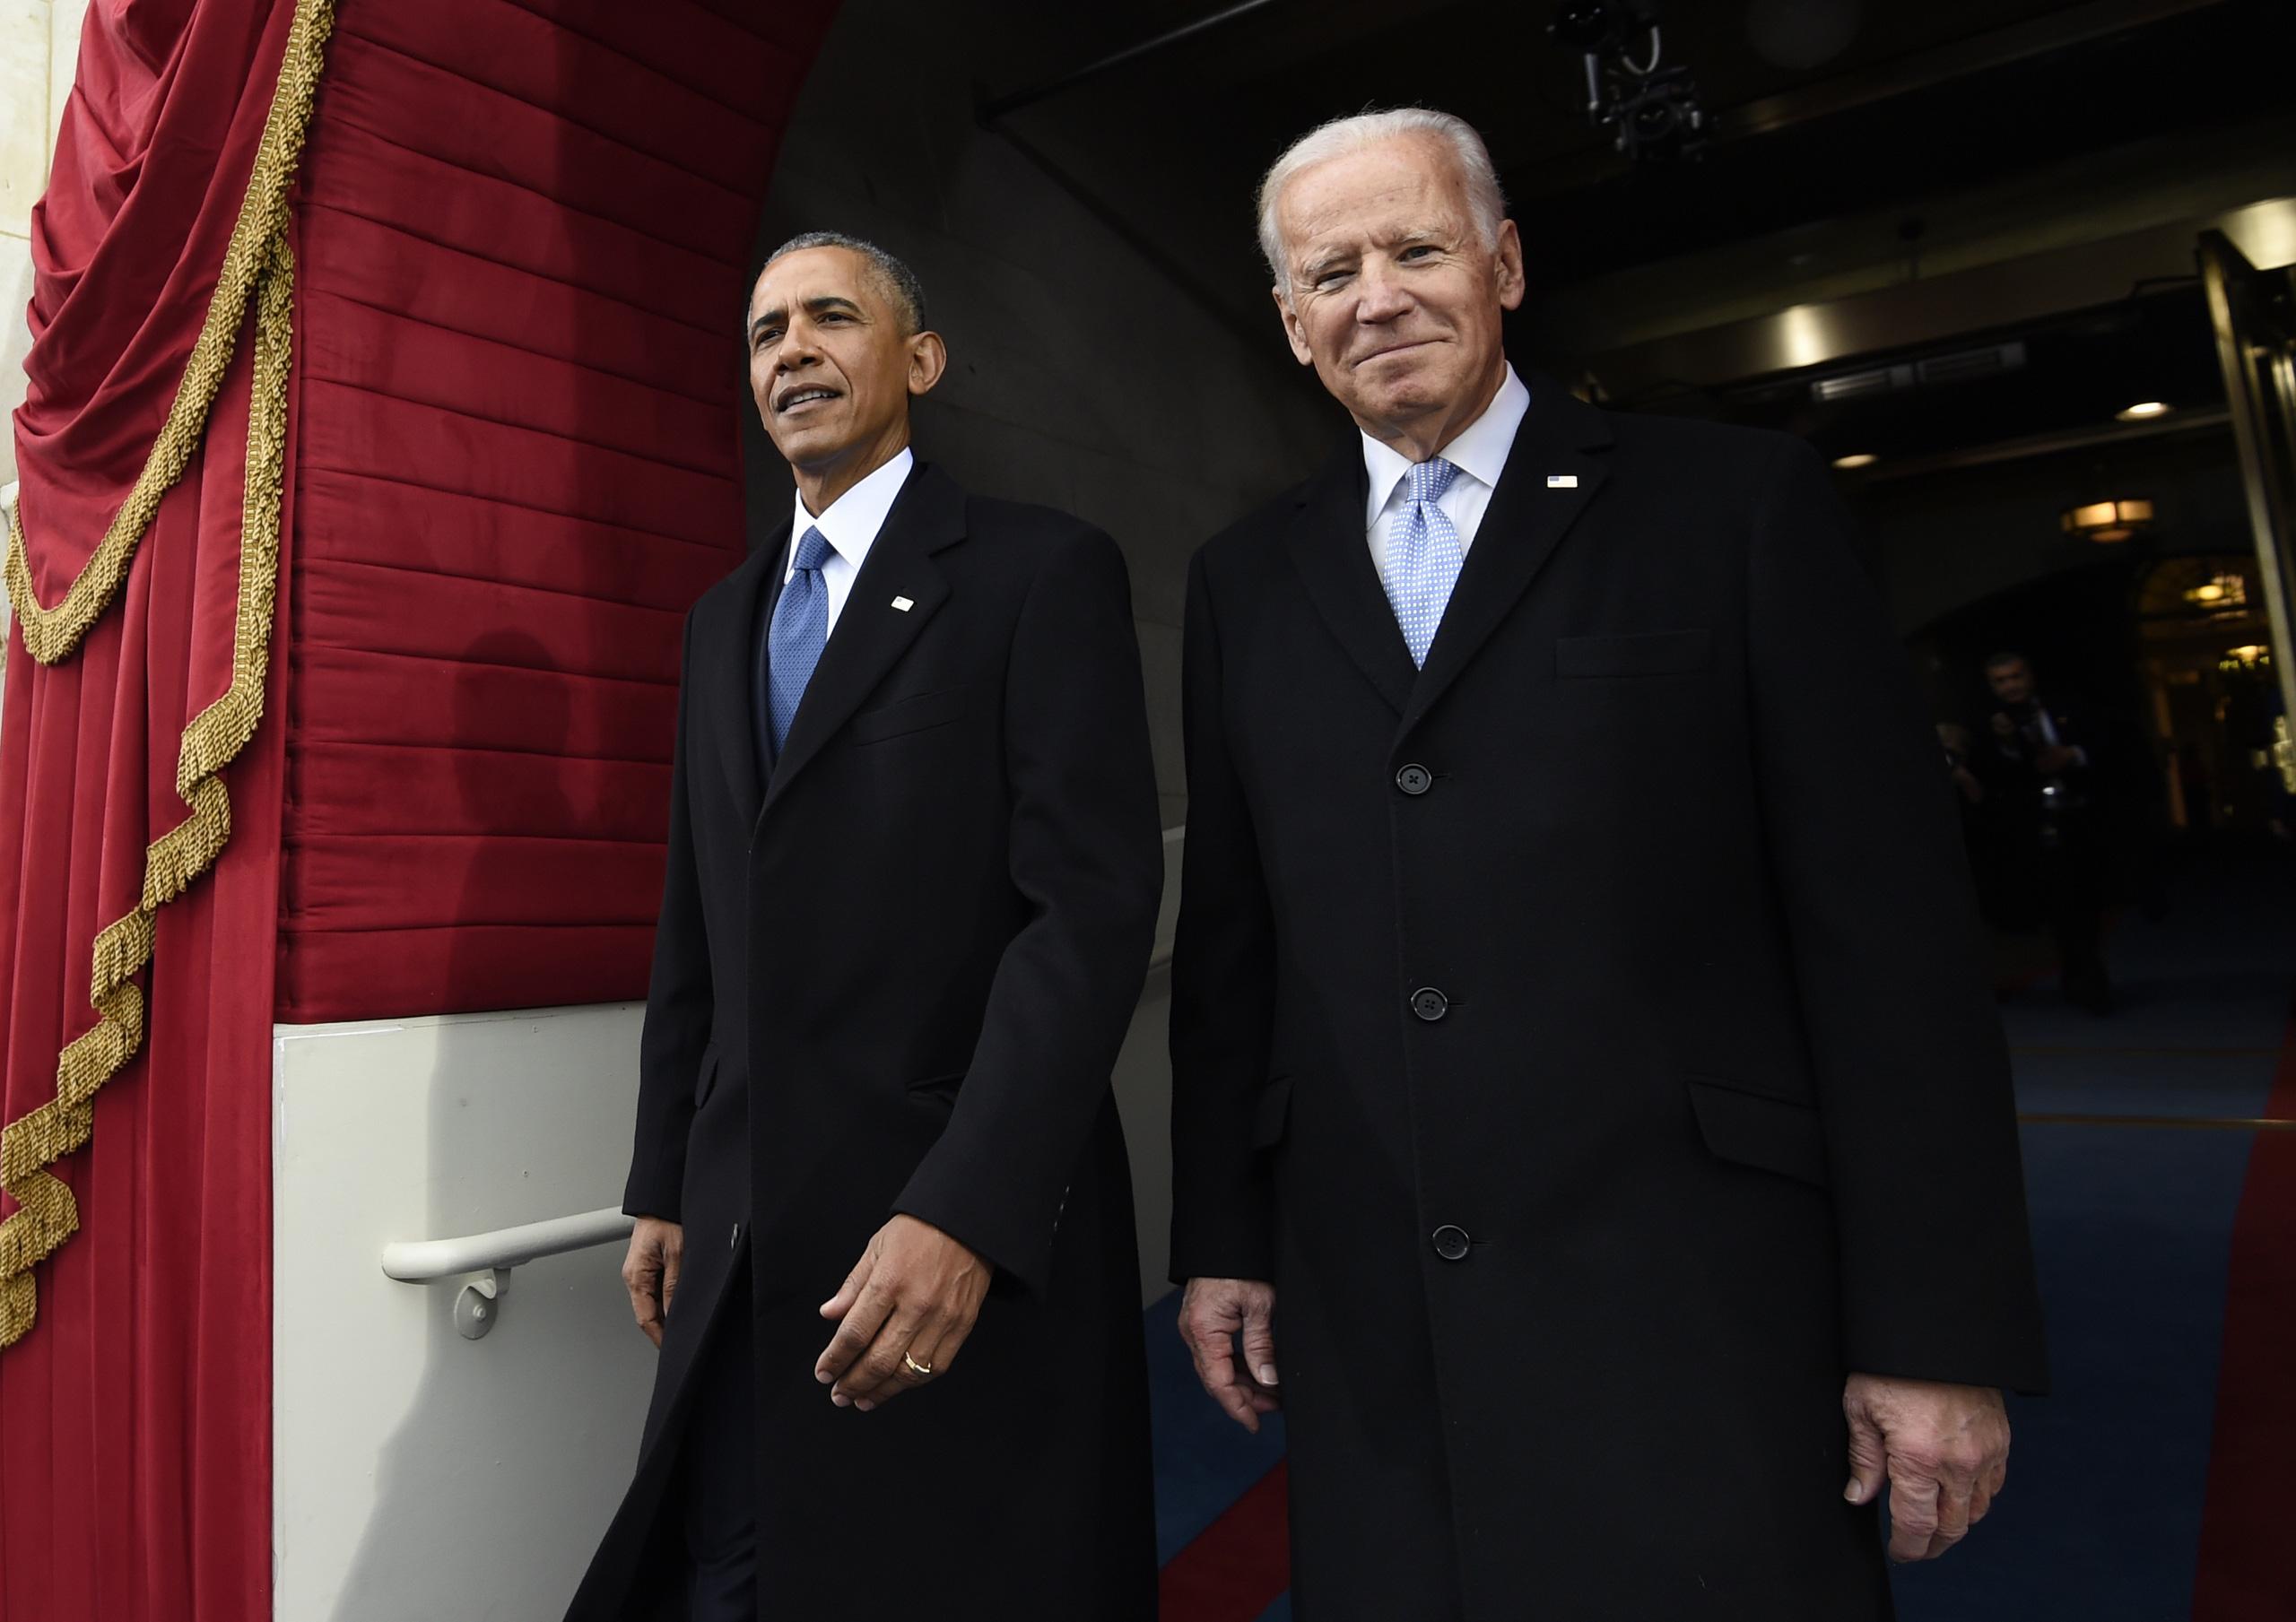 Tổng thống đắc cử Biden: 'Đây không phải nhiệm kì thứ ba của ông Obama' - Ảnh 1.